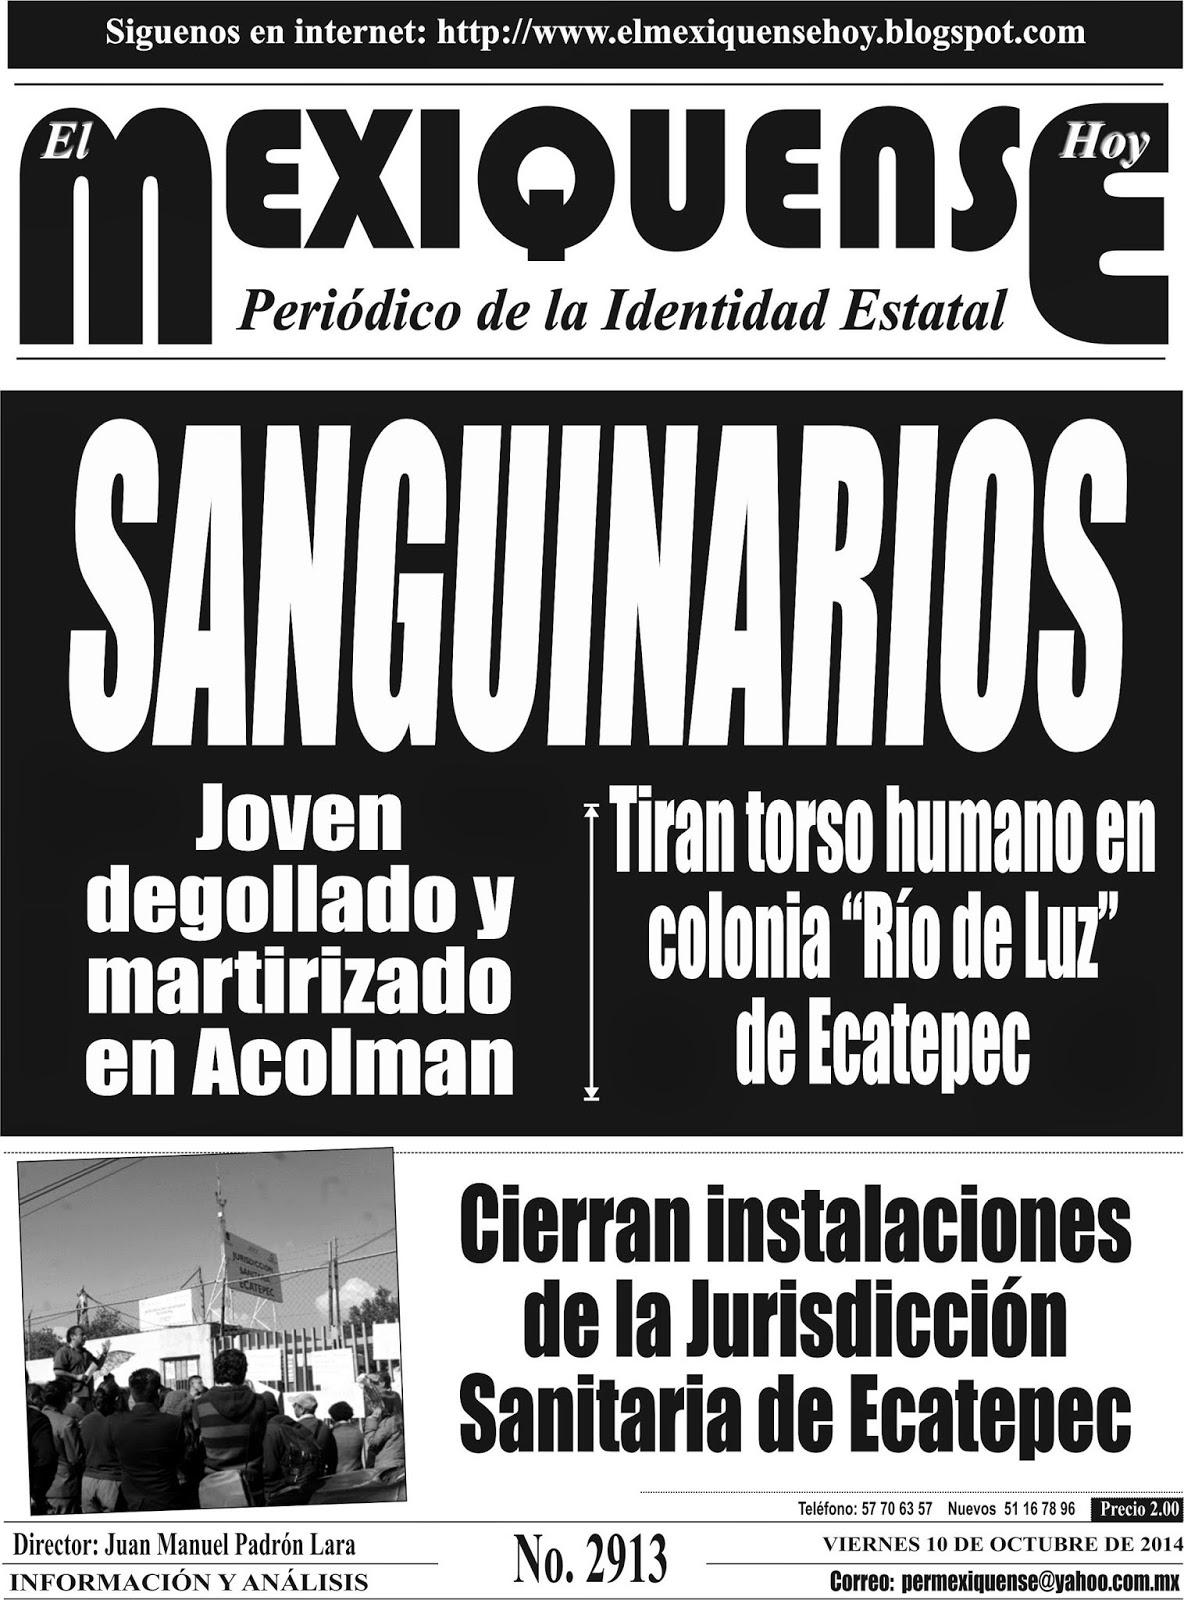 850ee2390d El mexiquense Hoy  10-oct-2014